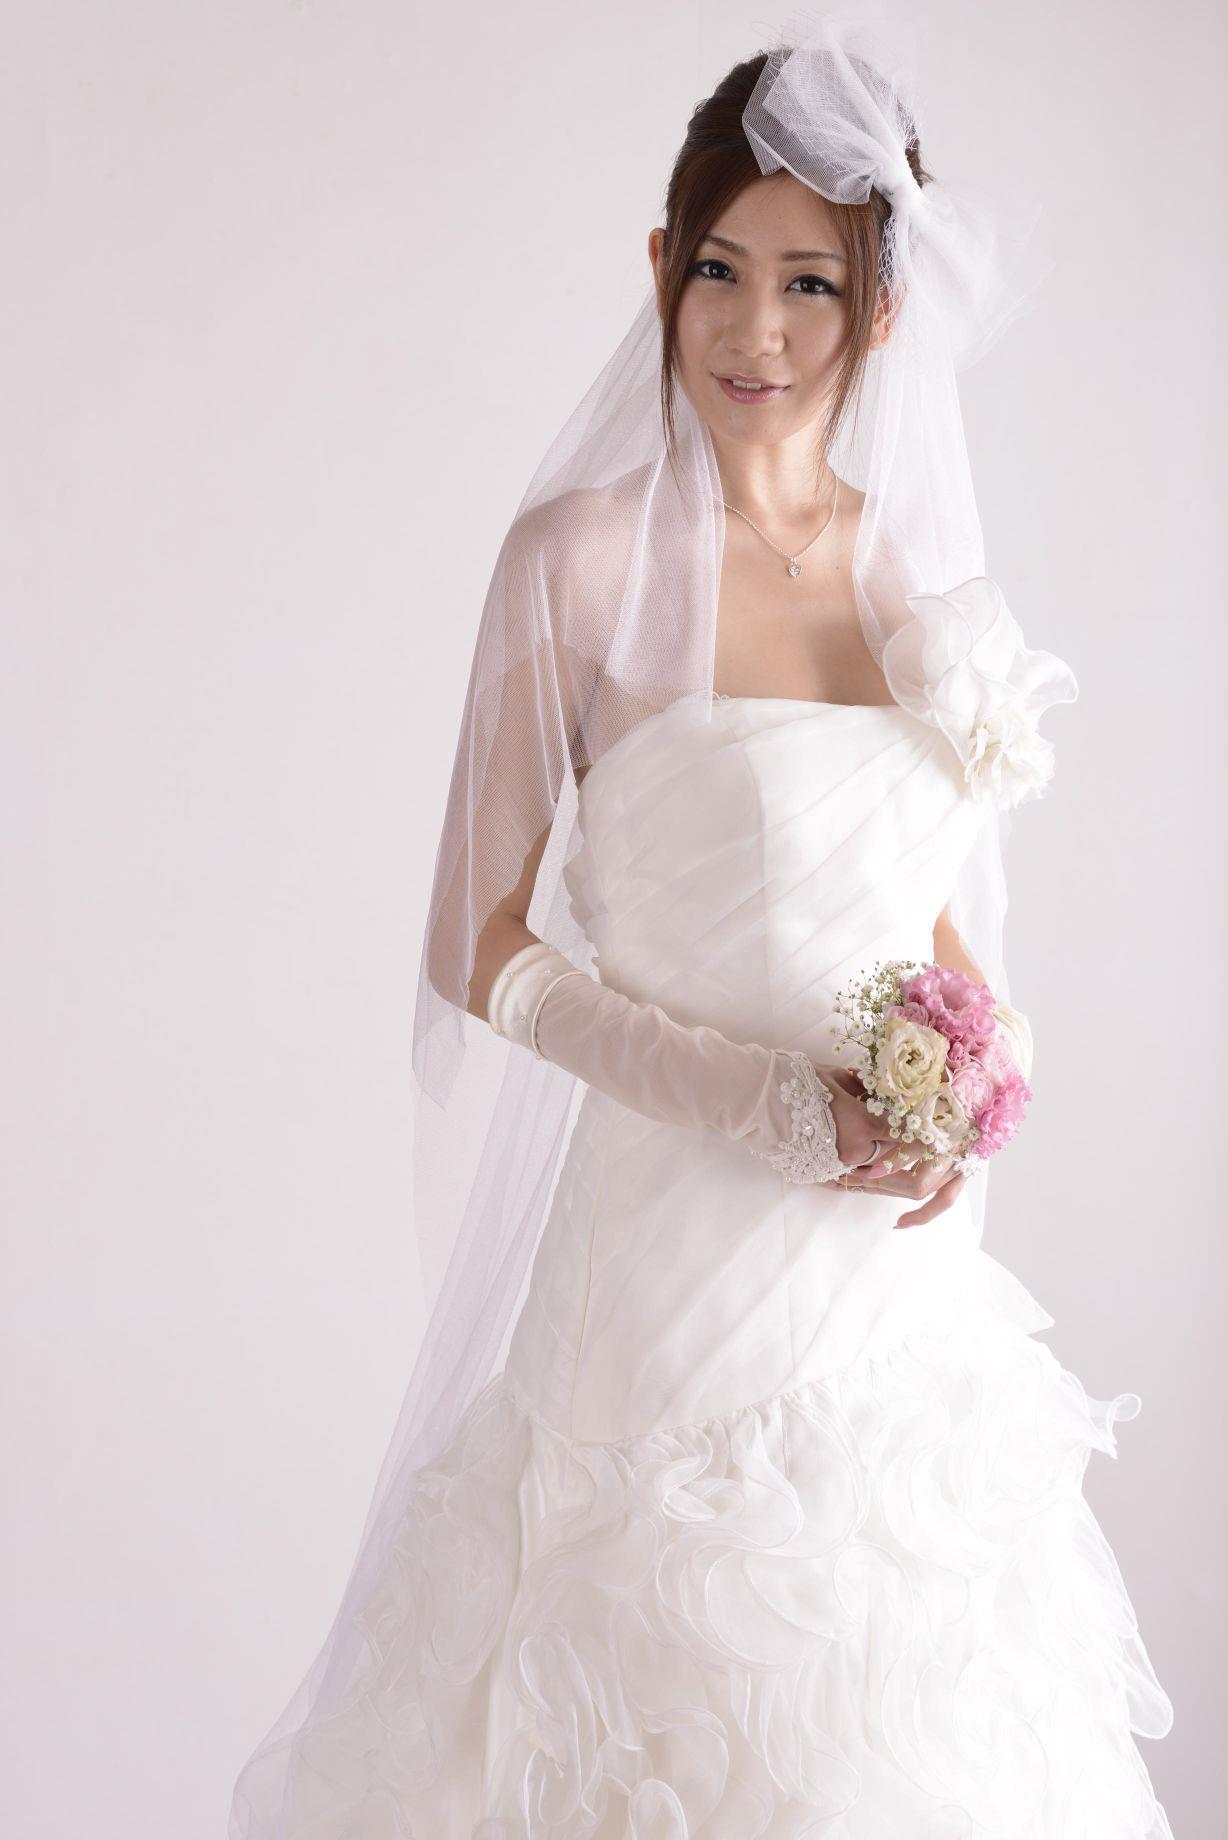 前田かおり ウェディングドレス画像 33